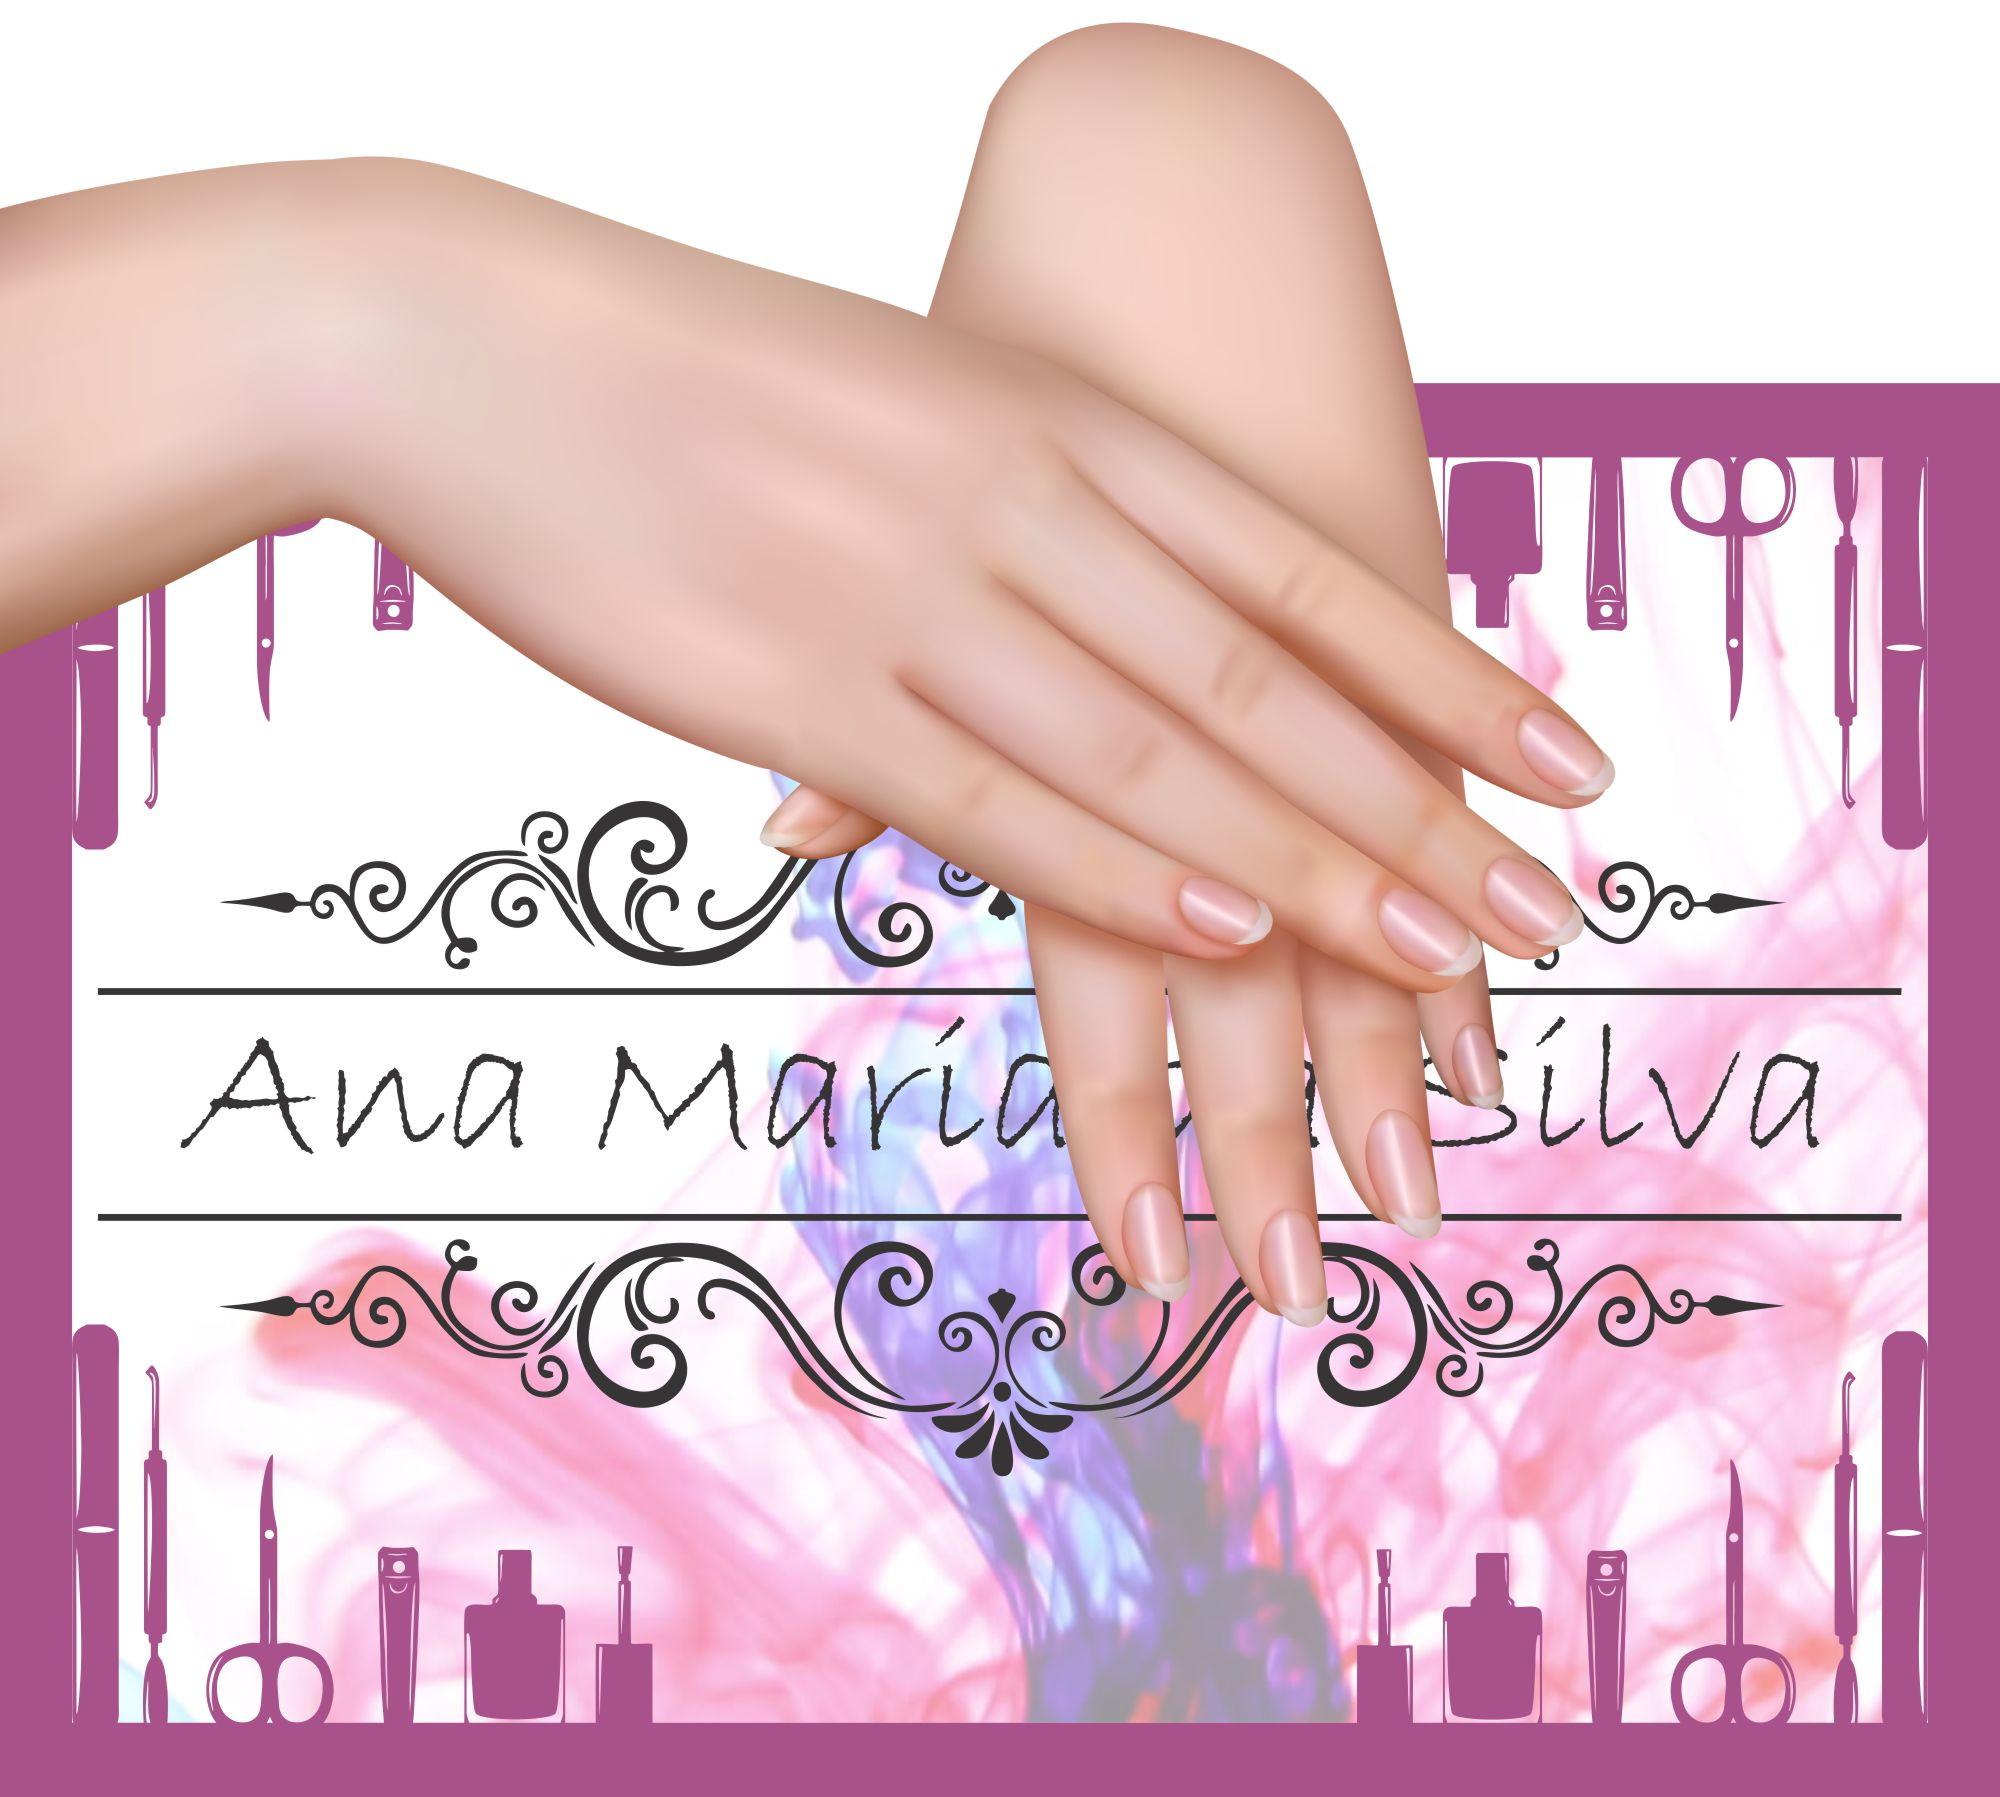 Placa Plaquinha Fundo 2 Foto Manicure Personalizada no Elo7